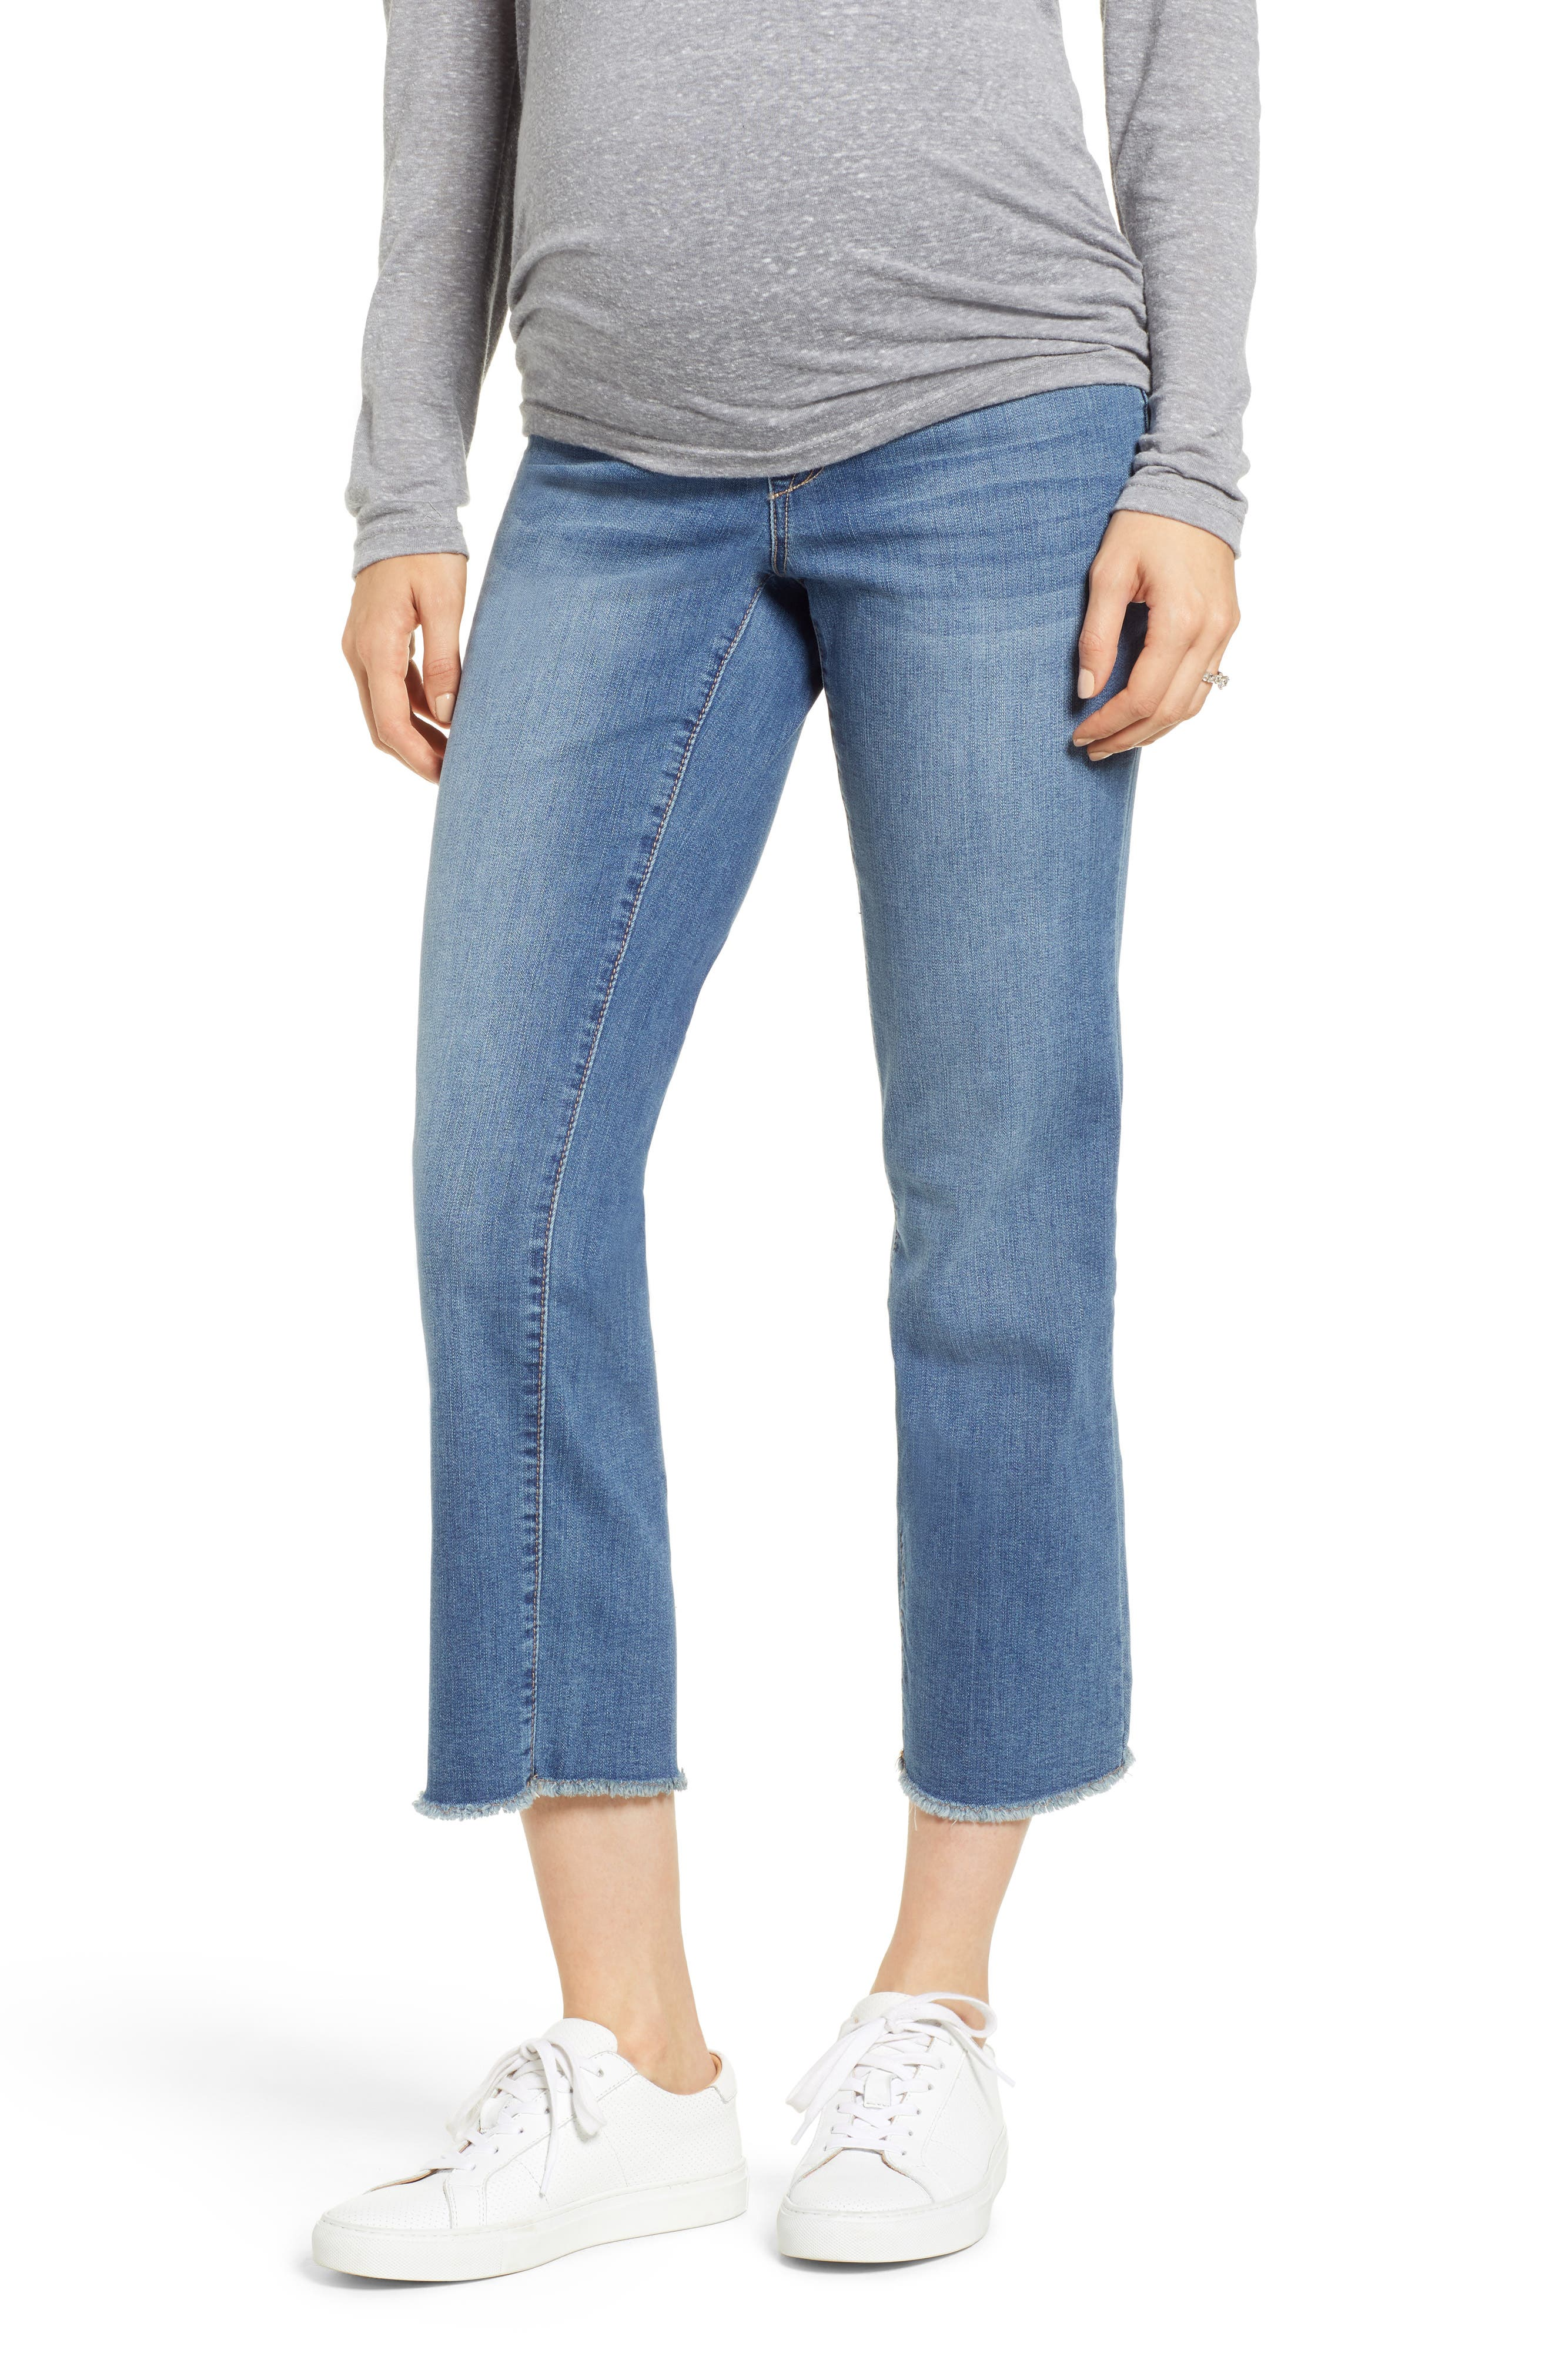 Women's 1822 Denim Fray Hem Straight Leg Maternity Jeans